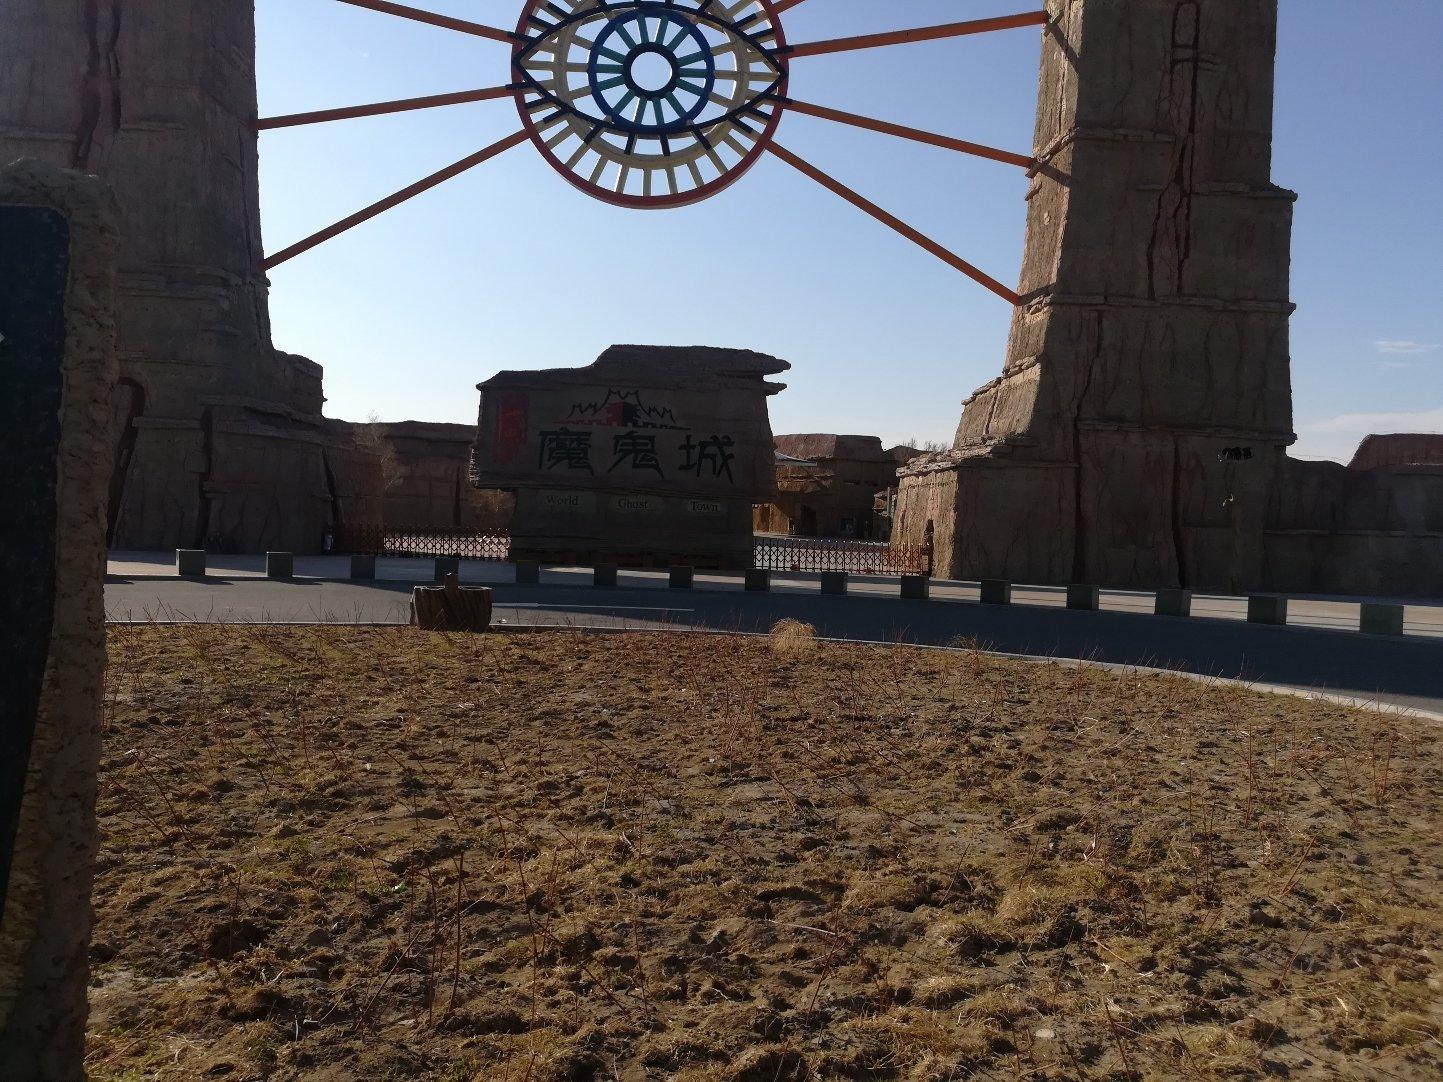 新疆维吾尔自治区克拉玛依市乌尔禾区乌尔禾镇217国道天气预报